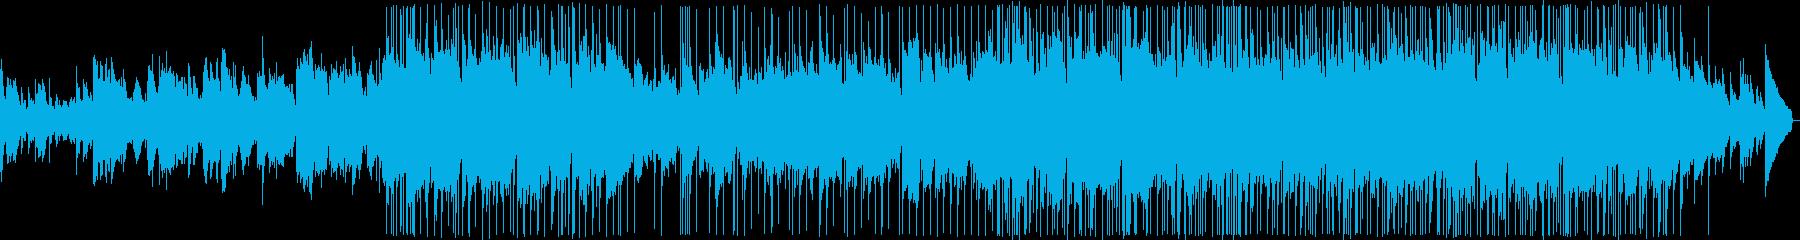 優しい雰囲気のバラードの再生済みの波形